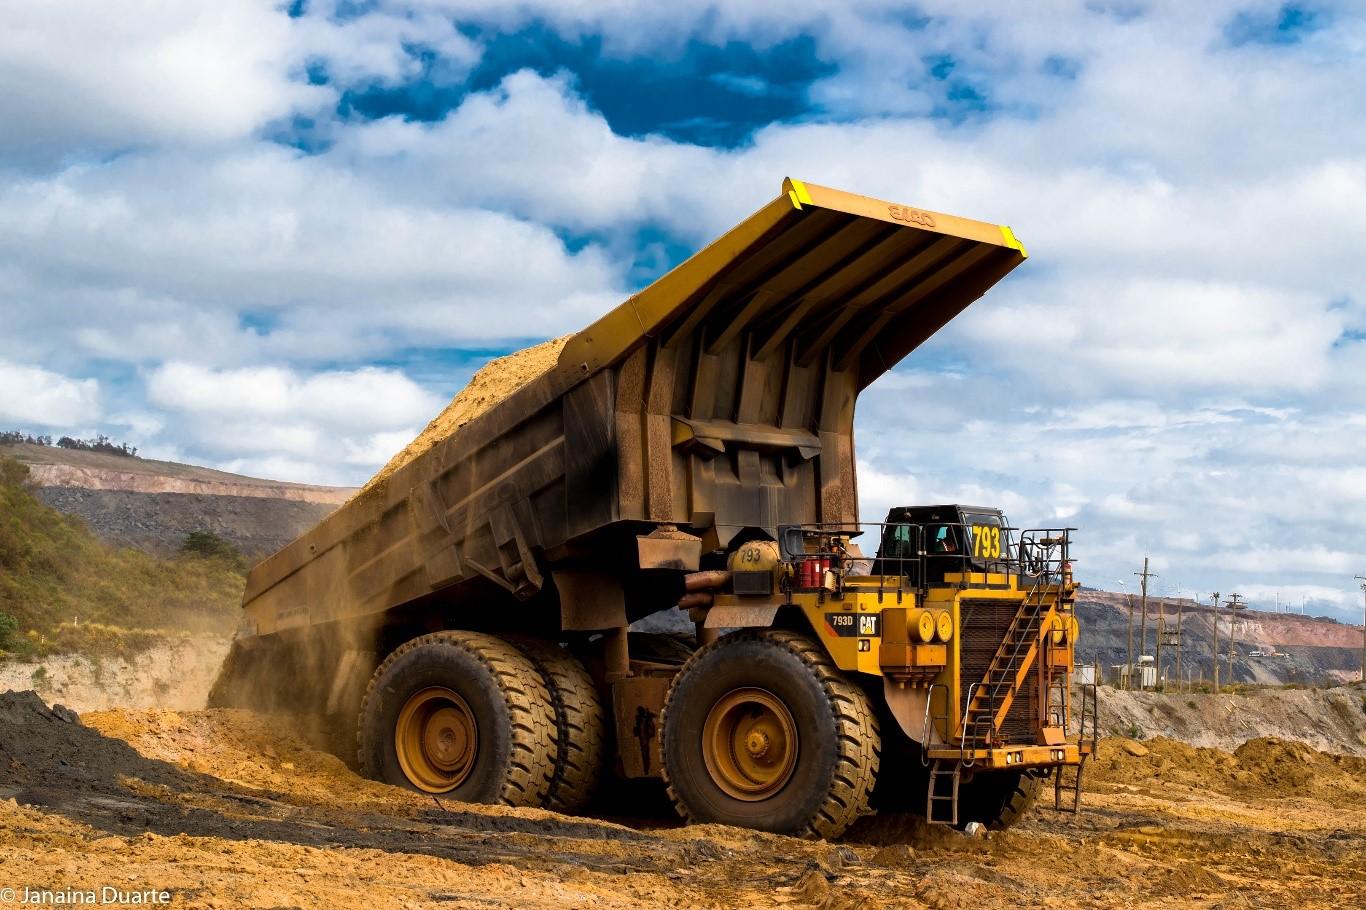 Ofertas públicas e leilões de áreas vão impulsionar a mineração brasileira